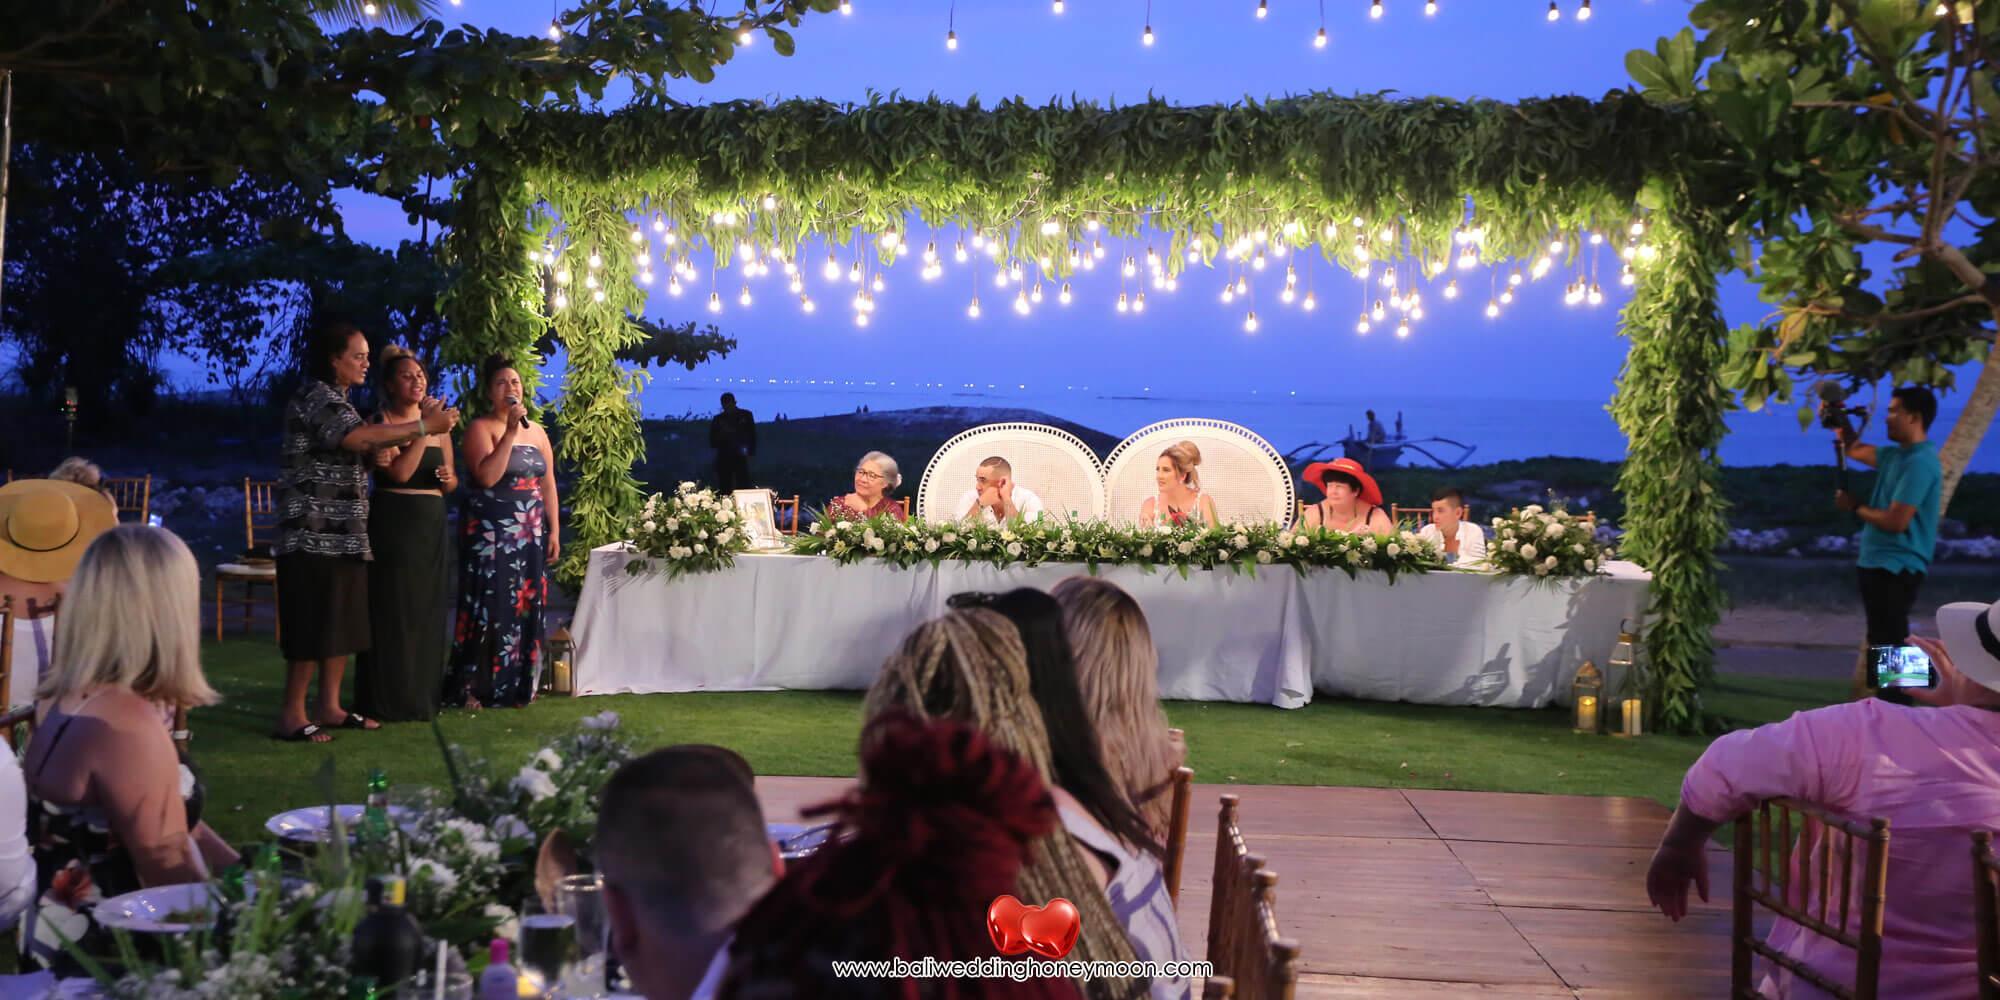 weddingvenuebali-gardenbaliwedding-baliweddinghoneymoon-baliweddingorganizer-baliweddingplanner-baliweddingpackage-holidayinbarunabali2